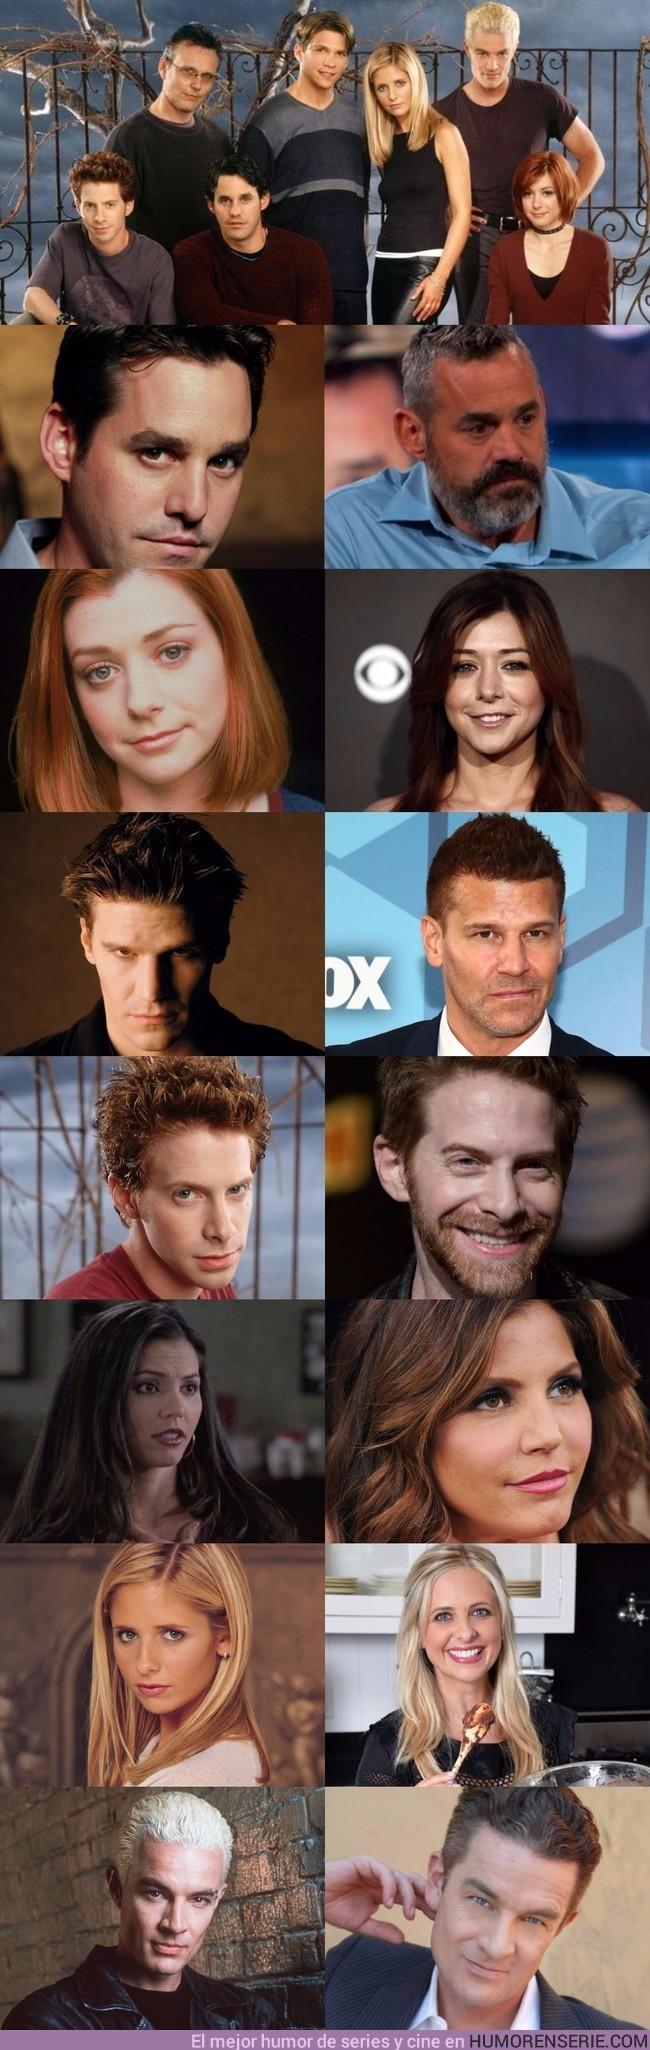 2912 - Así han envejecido los personajes de Buffy Cazavampiros